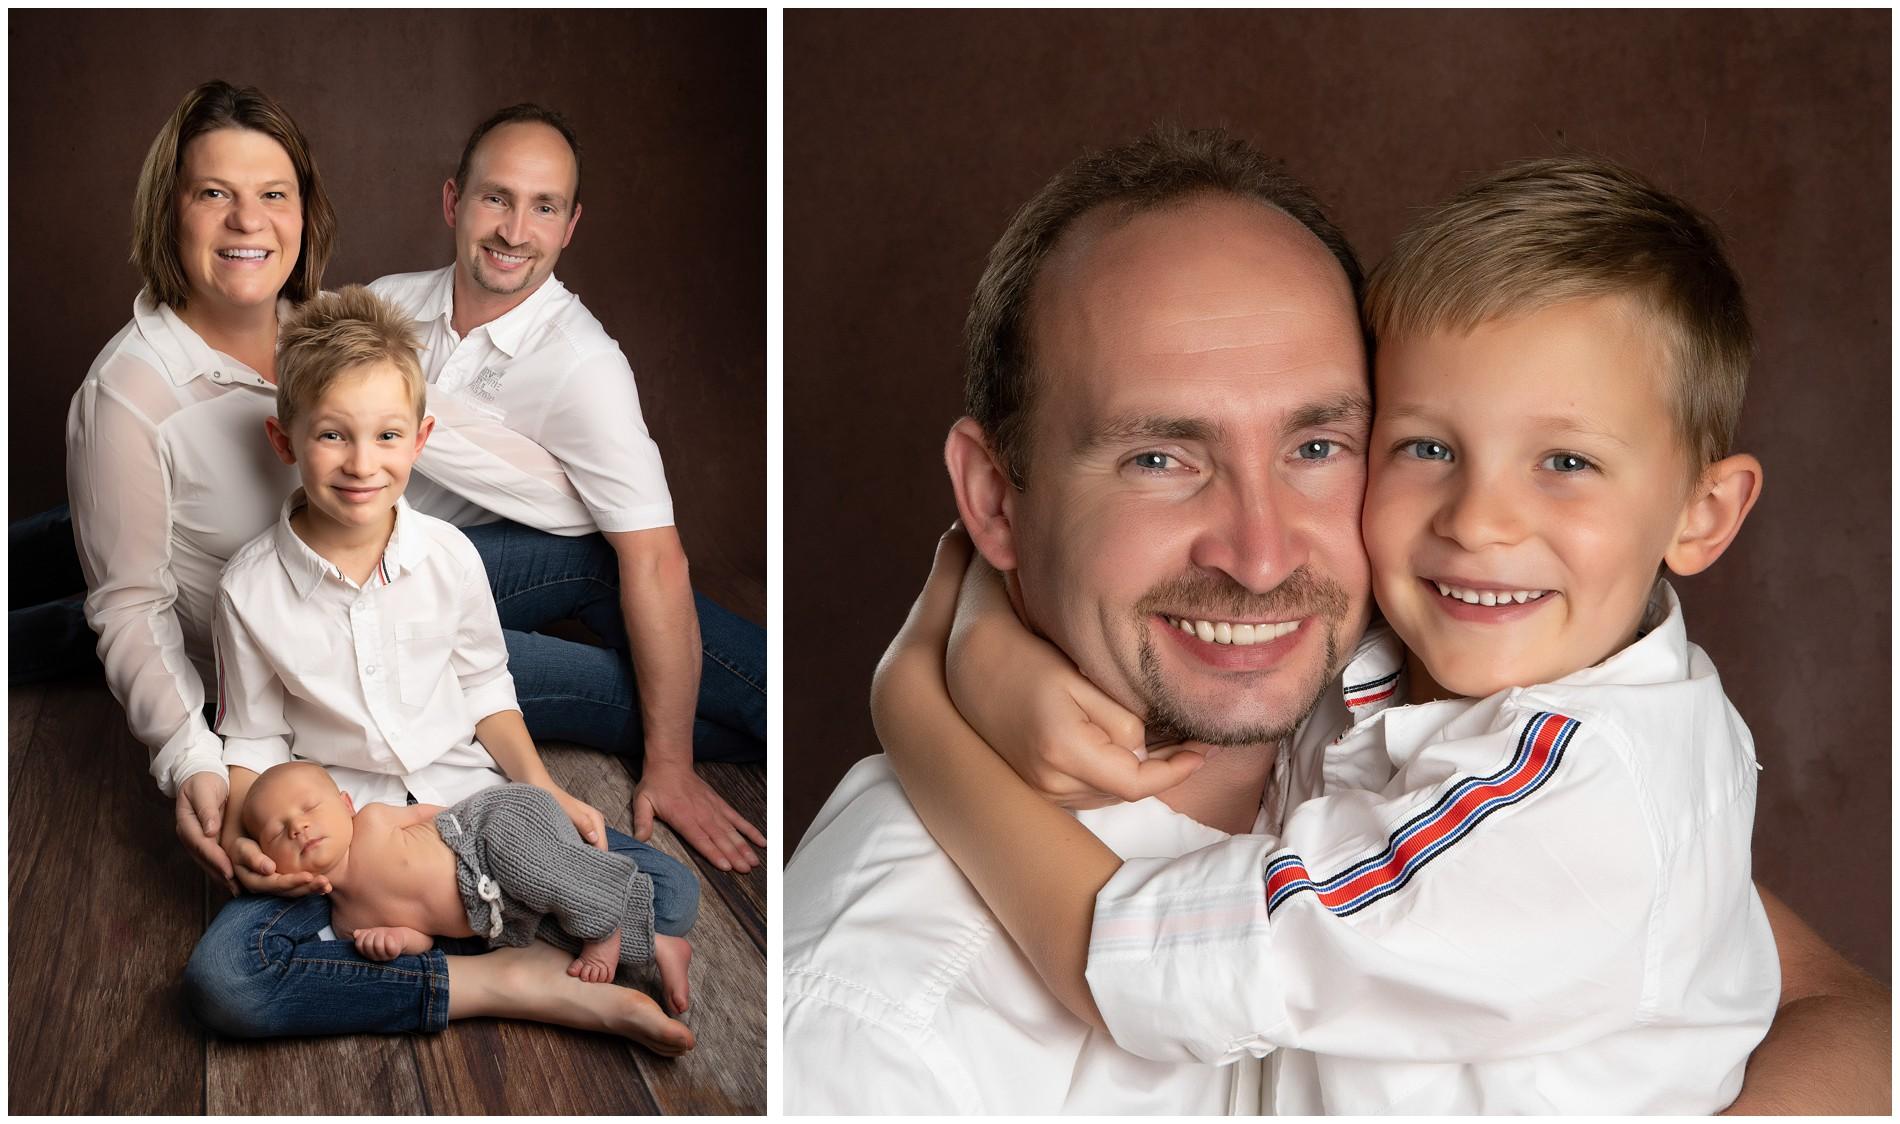 19-08-05 10 Kinderfotos Plauen - Stephanie Scharschmidt